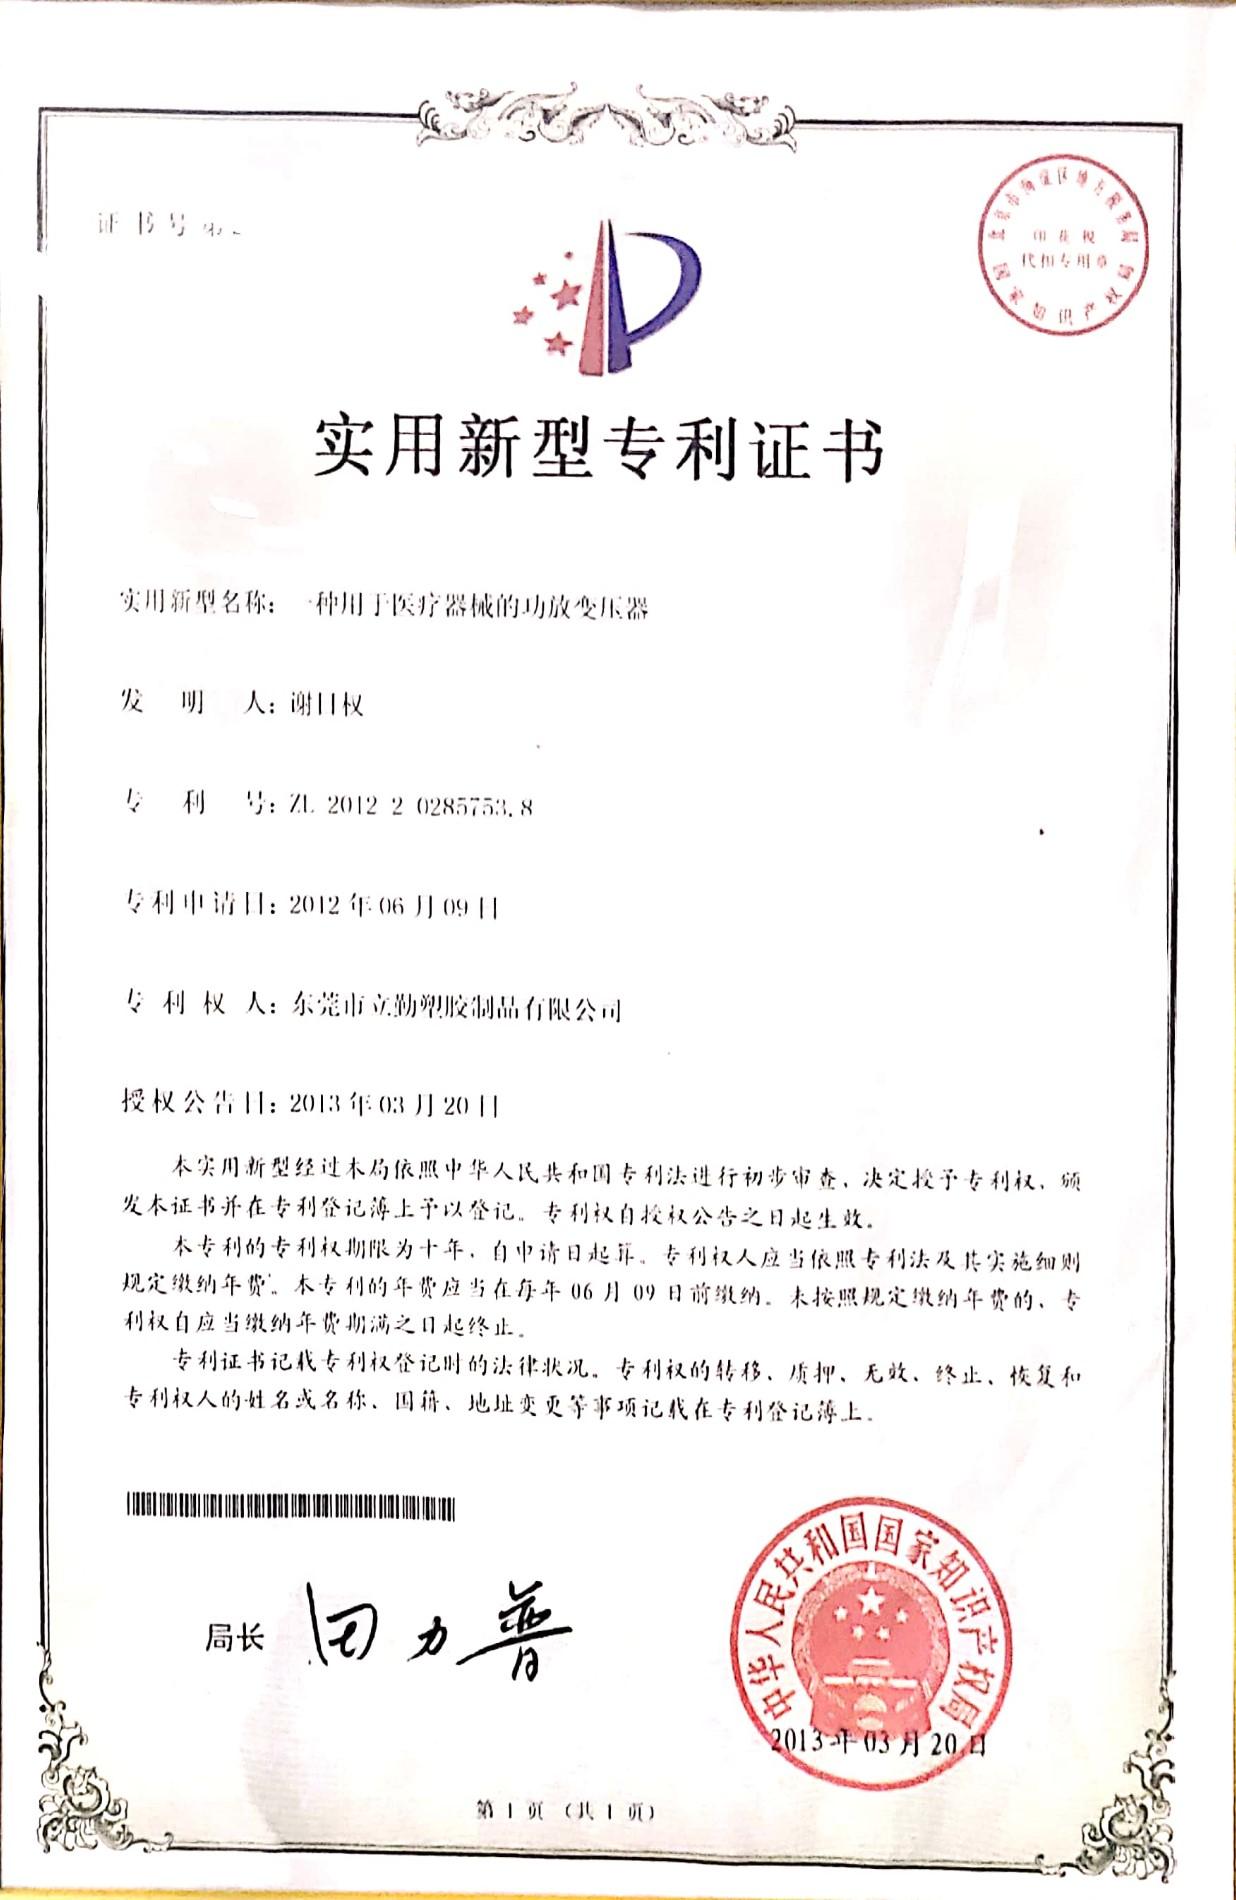 Патент на полезную модель - медицинский сертификат